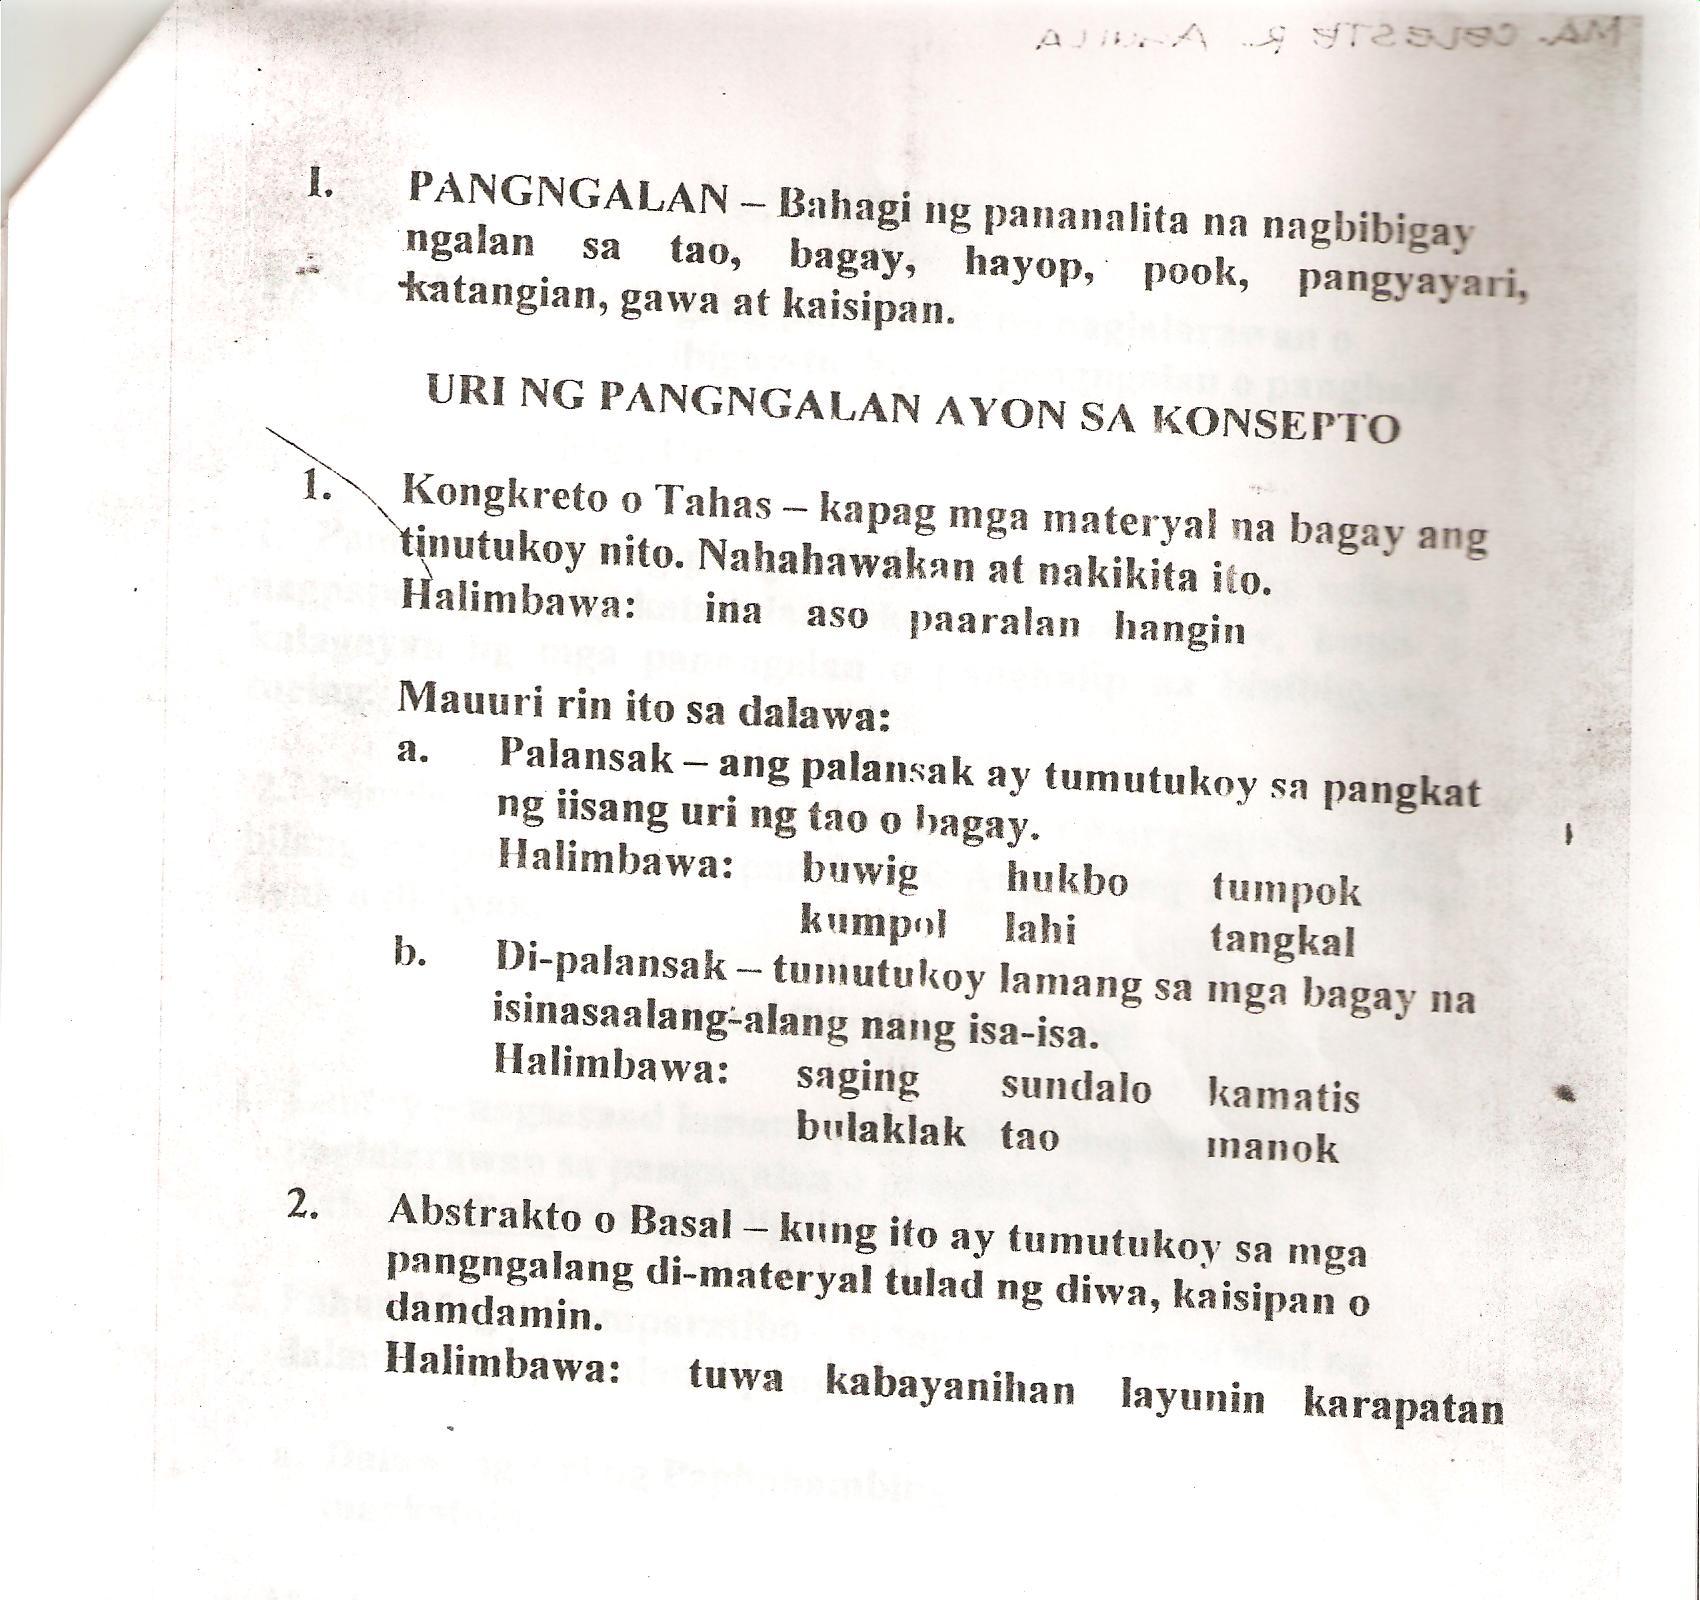 Worksheet Sa Gamit Ng Pangngalan